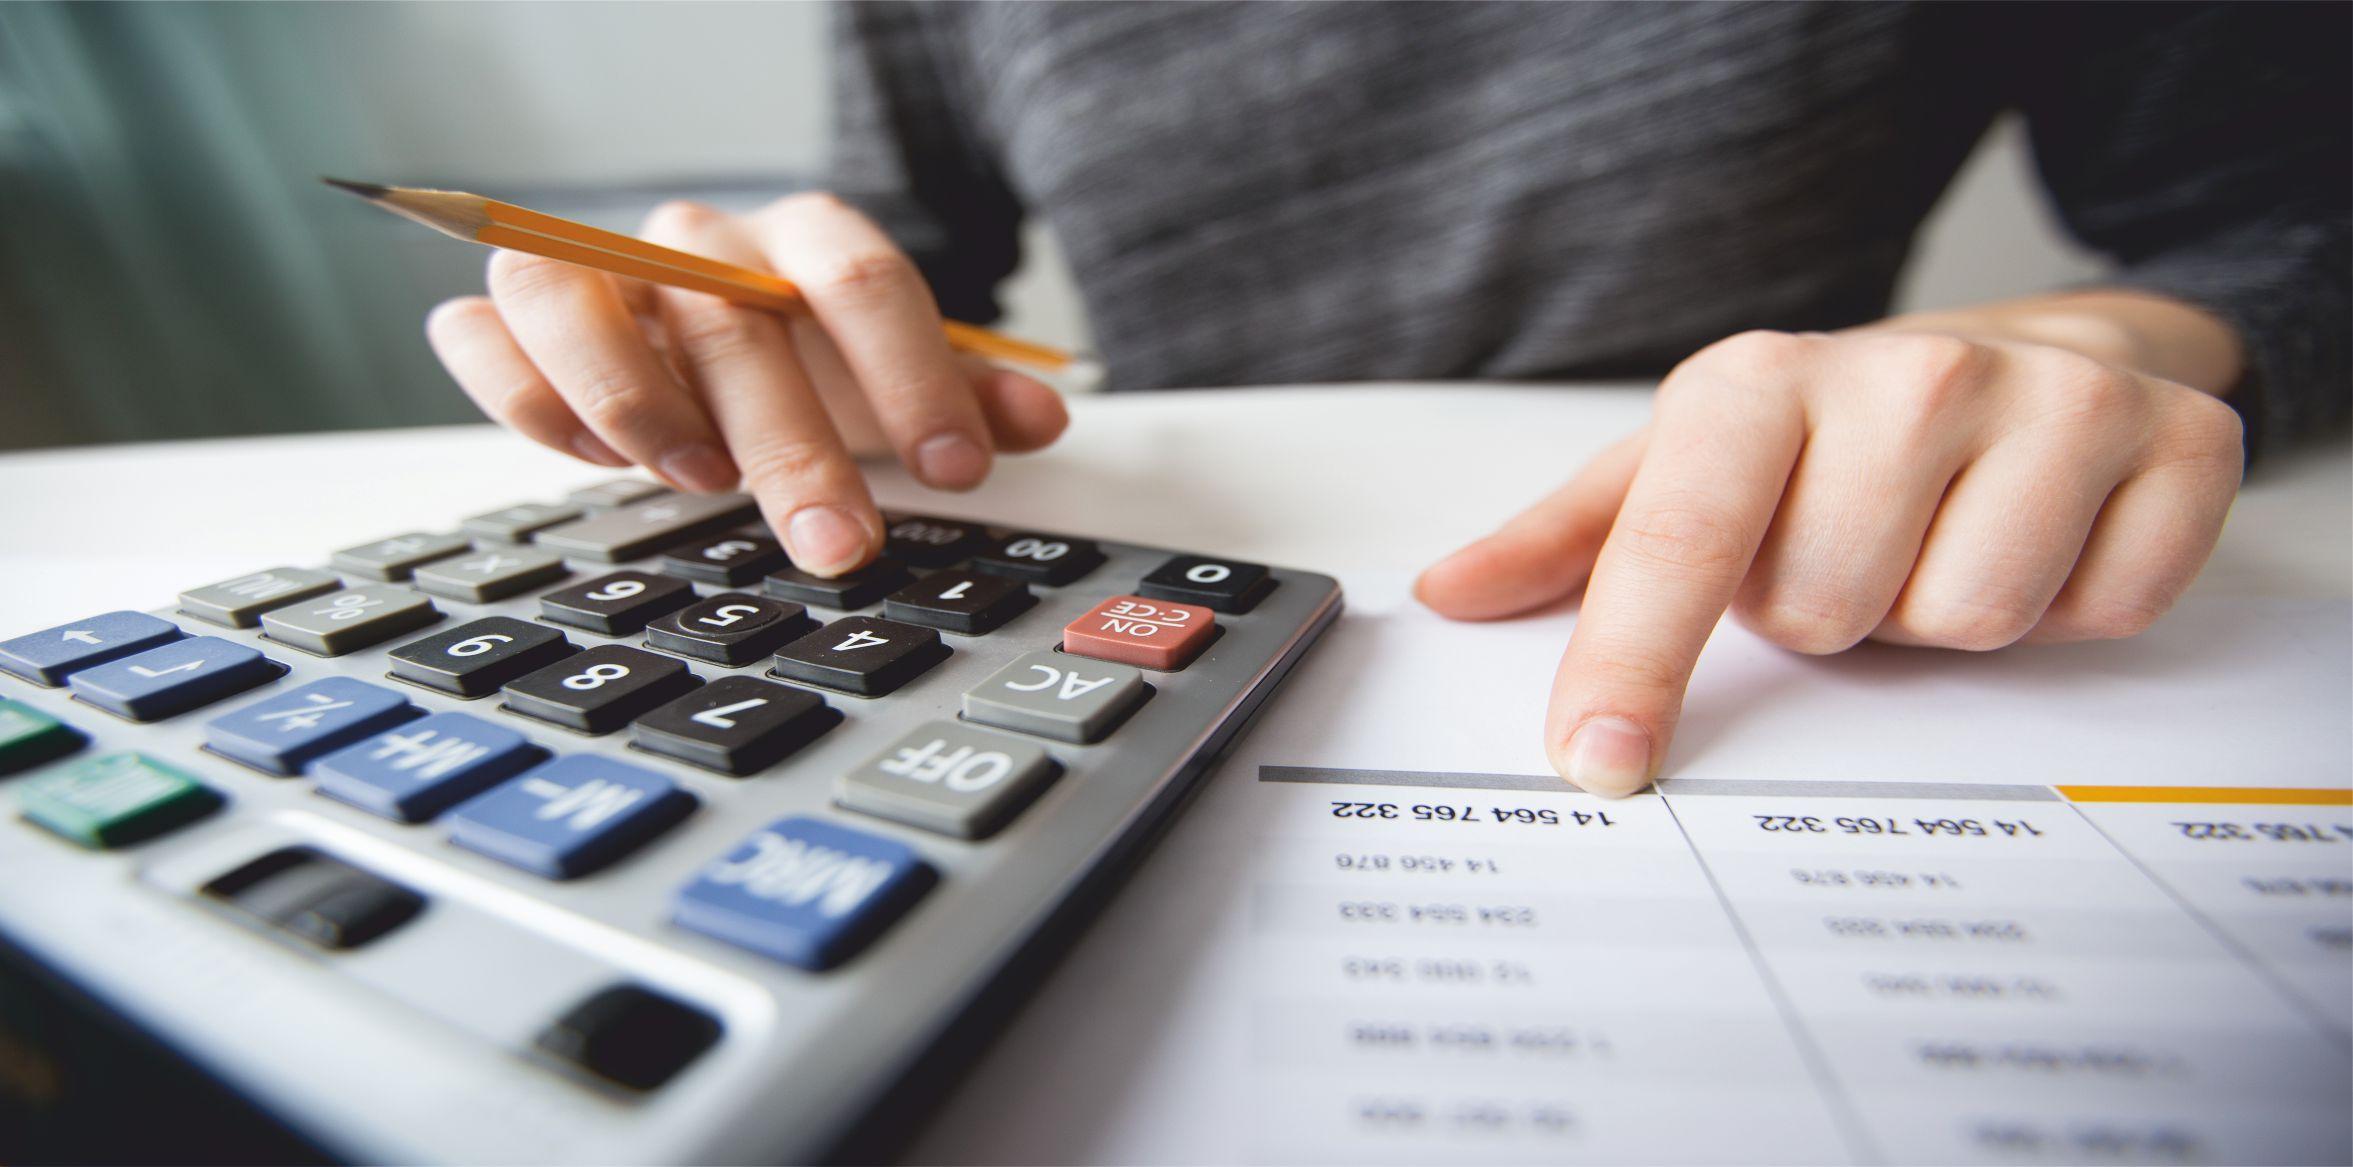 IR immo resource bolzano amministrazioni_amministrazione contabile e fiscale di Residence in multiproprietà e dei Condomini amministrati